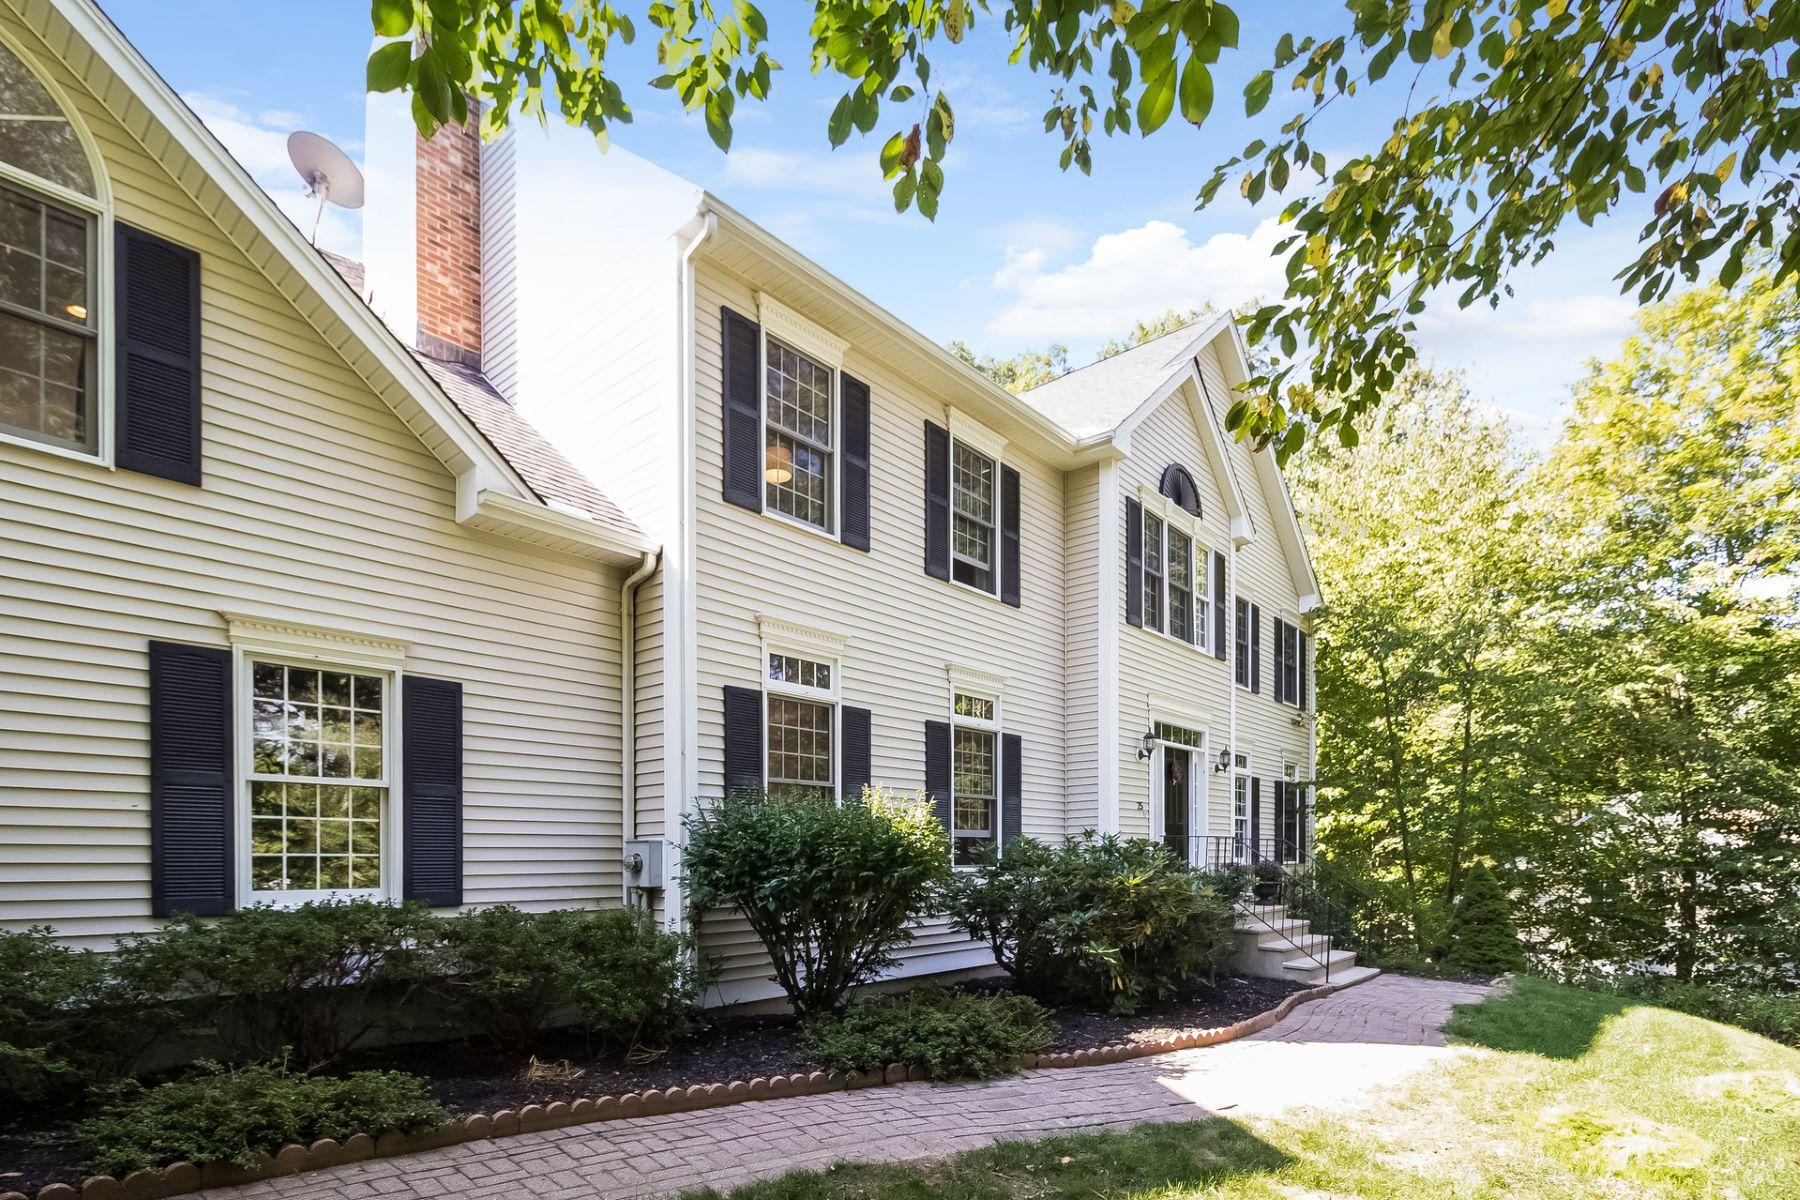 Частный односемейный дом для того Продажа на 25 Elizabeth Street Guilford, Коннектикут, 06437 Соединенные Штаты